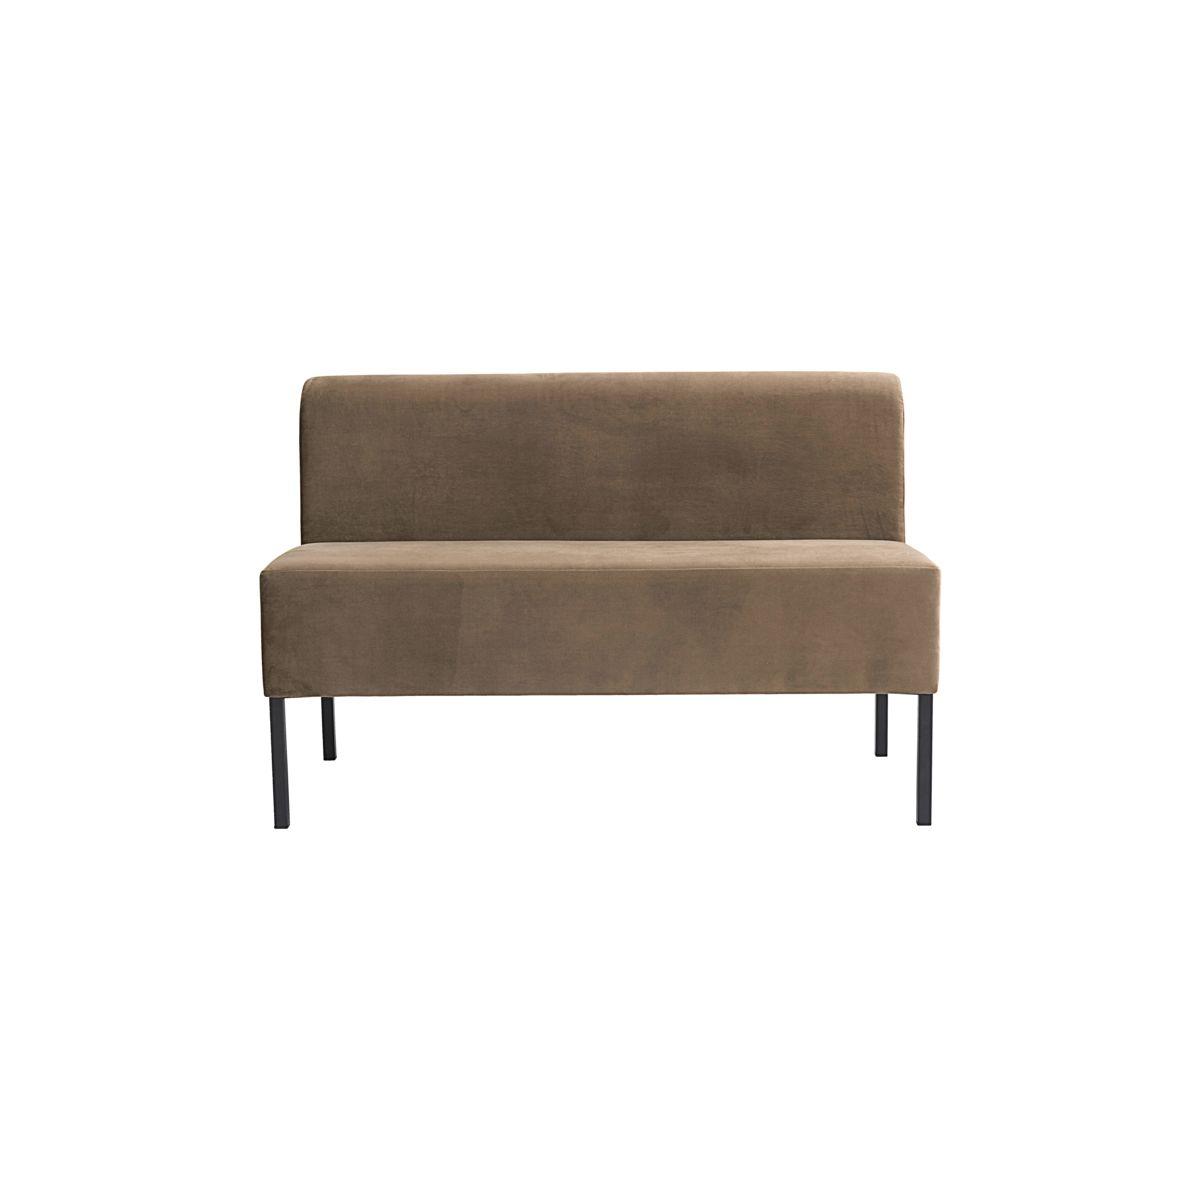 HOUSE DOCTOR Sand sofa modul - sandfarvet stof og sorte ben, 2-pers. (120x60)